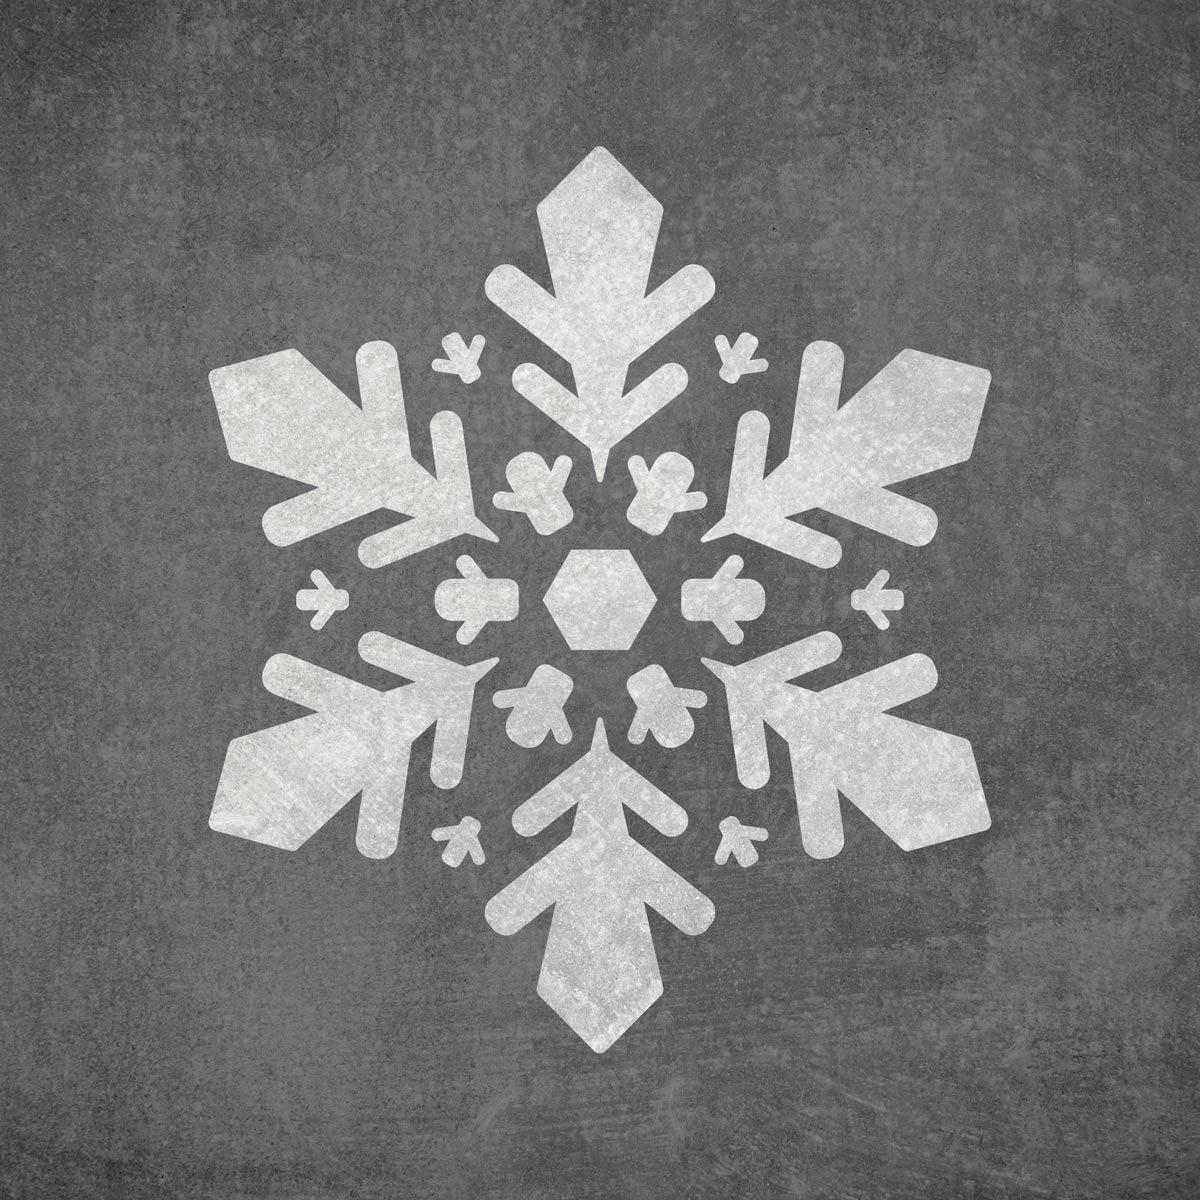 Śnieżynka - szablon malarski wielokrotnego użytku